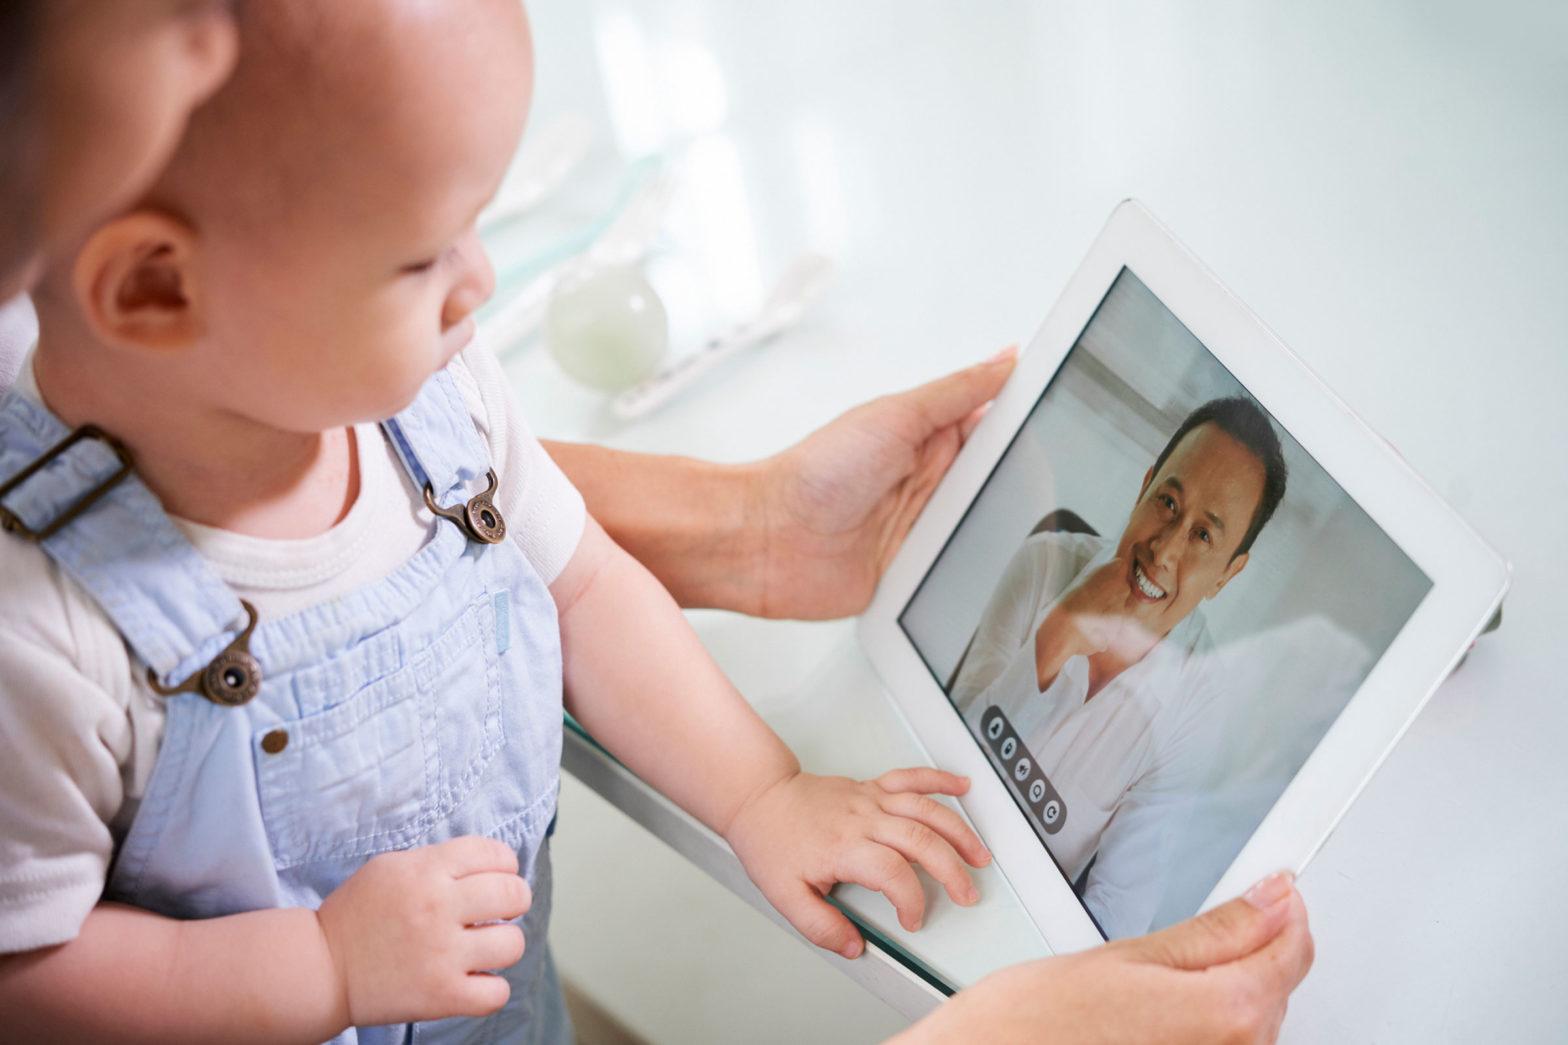 telemedicina-pediatria psiquiatria dr tis